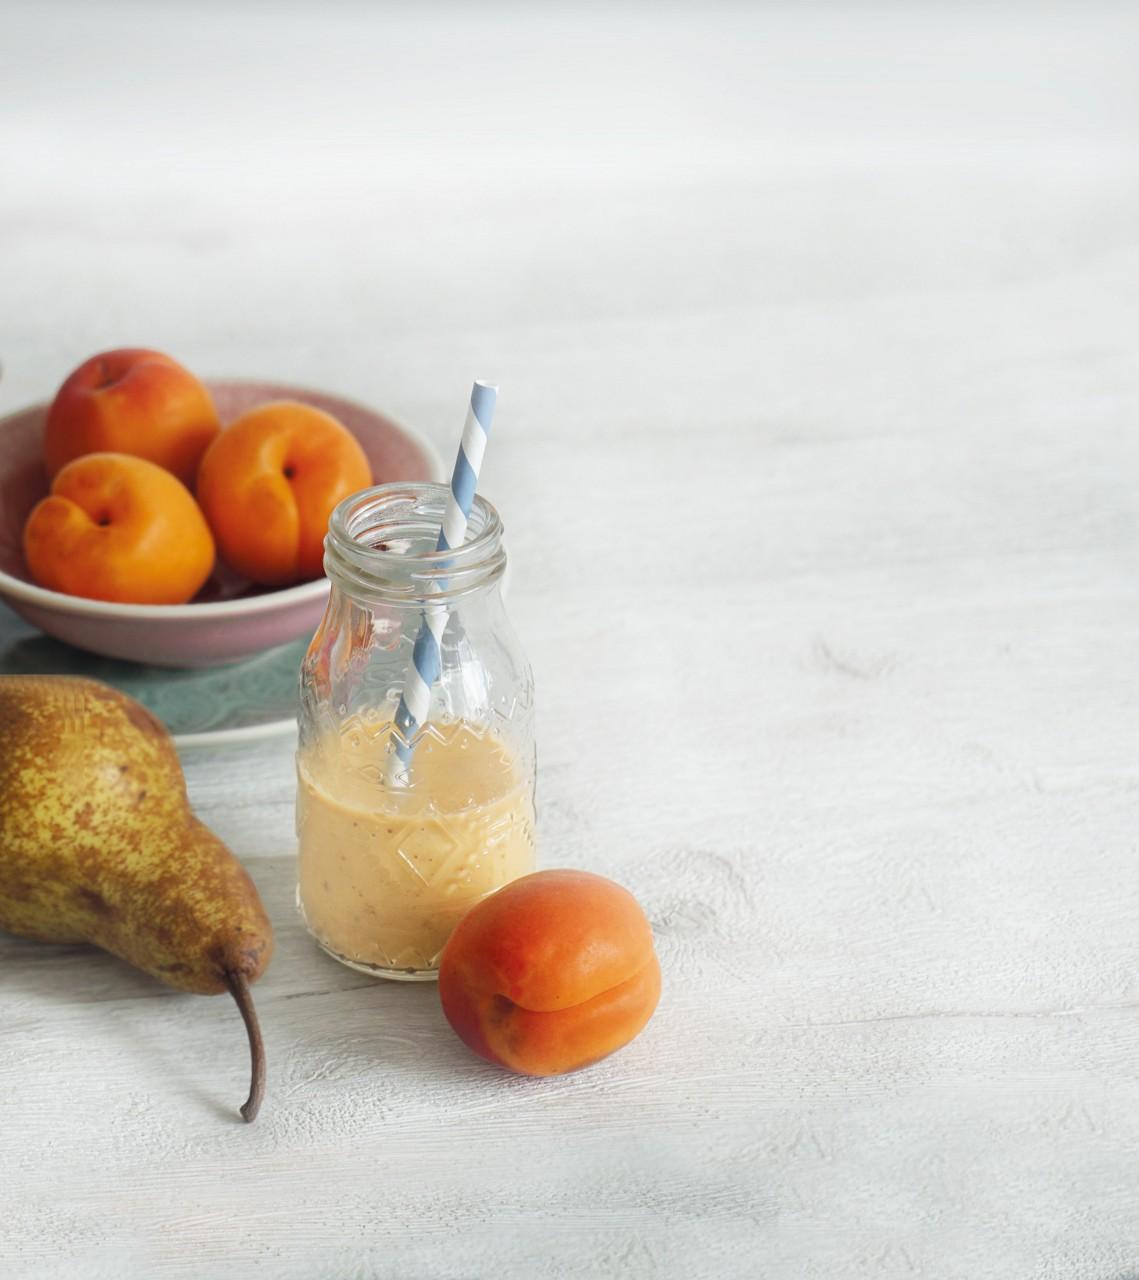 Marille-Birne-Kindermilch Smoothie